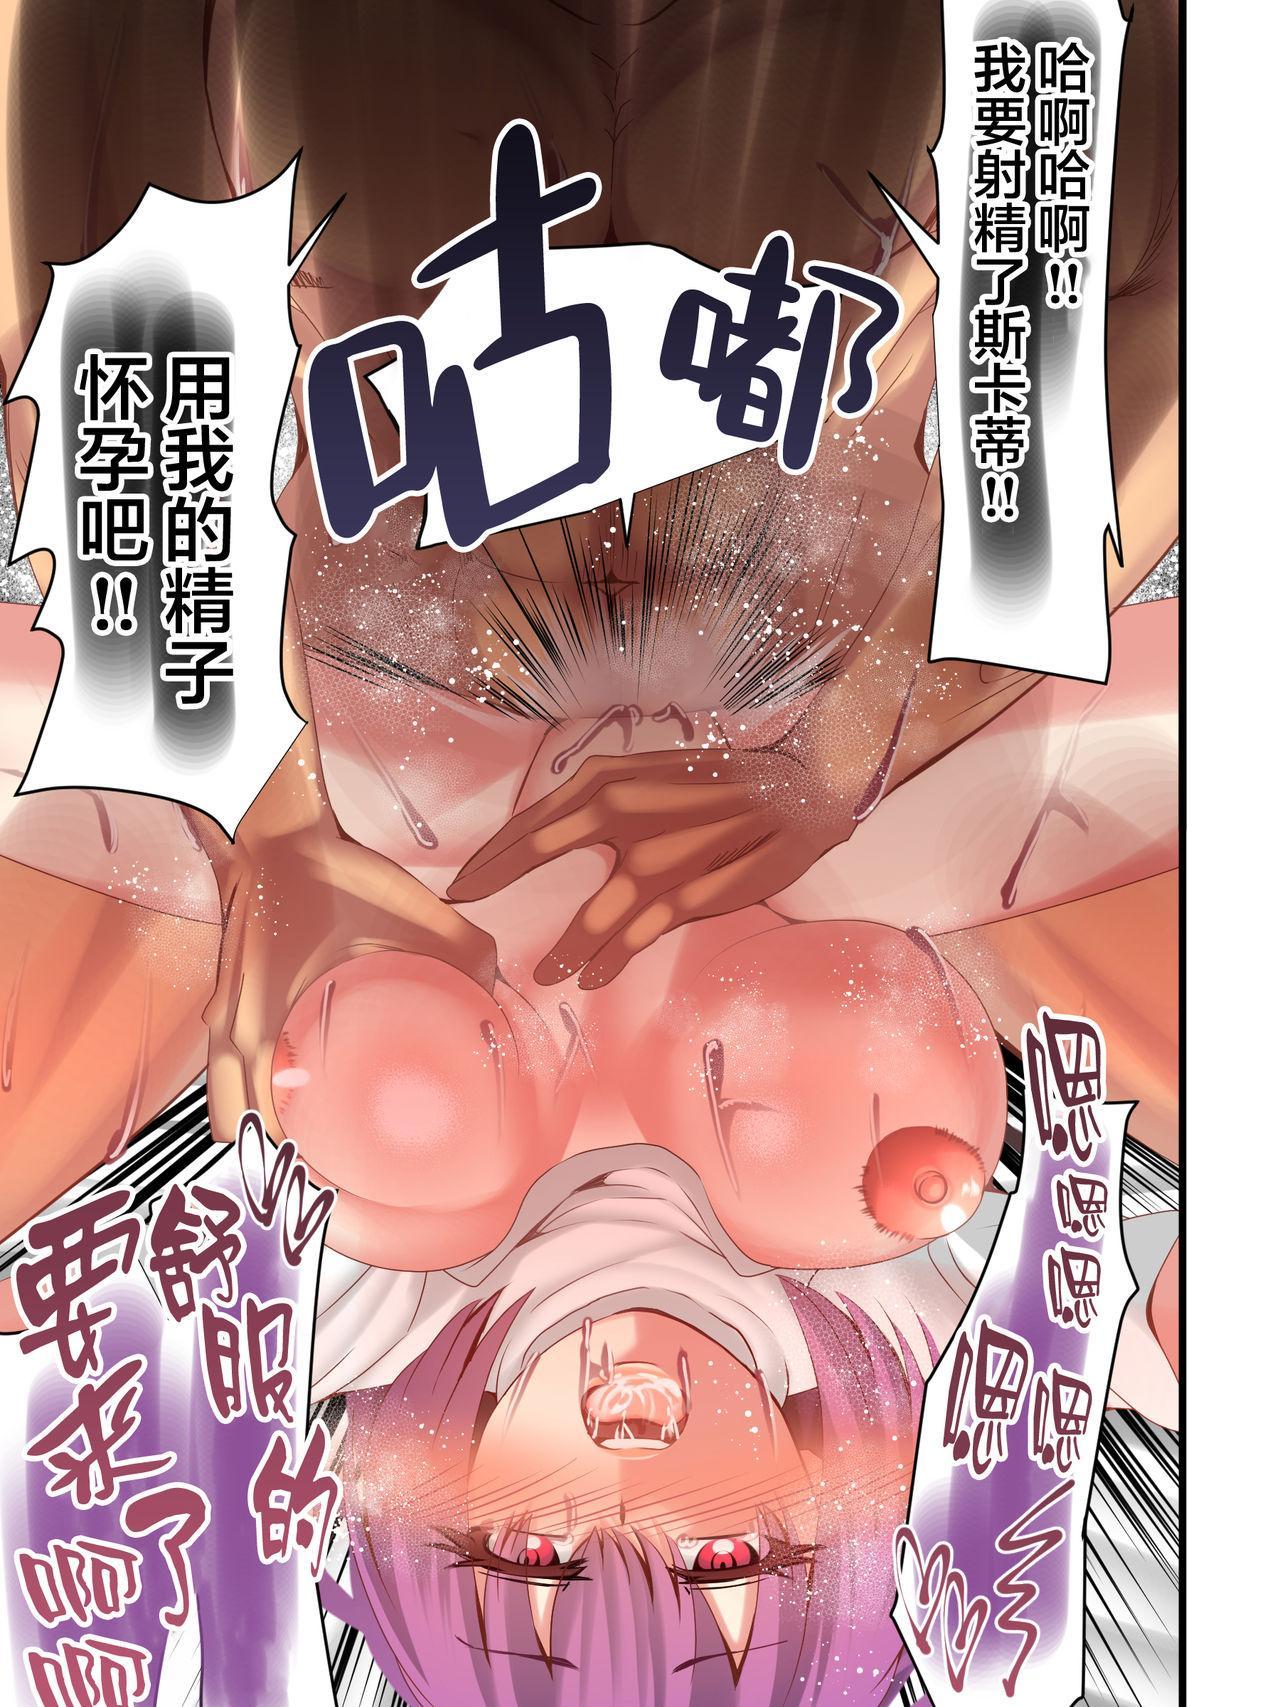 Iyashi no Fukubukuro Servant Gacha 19